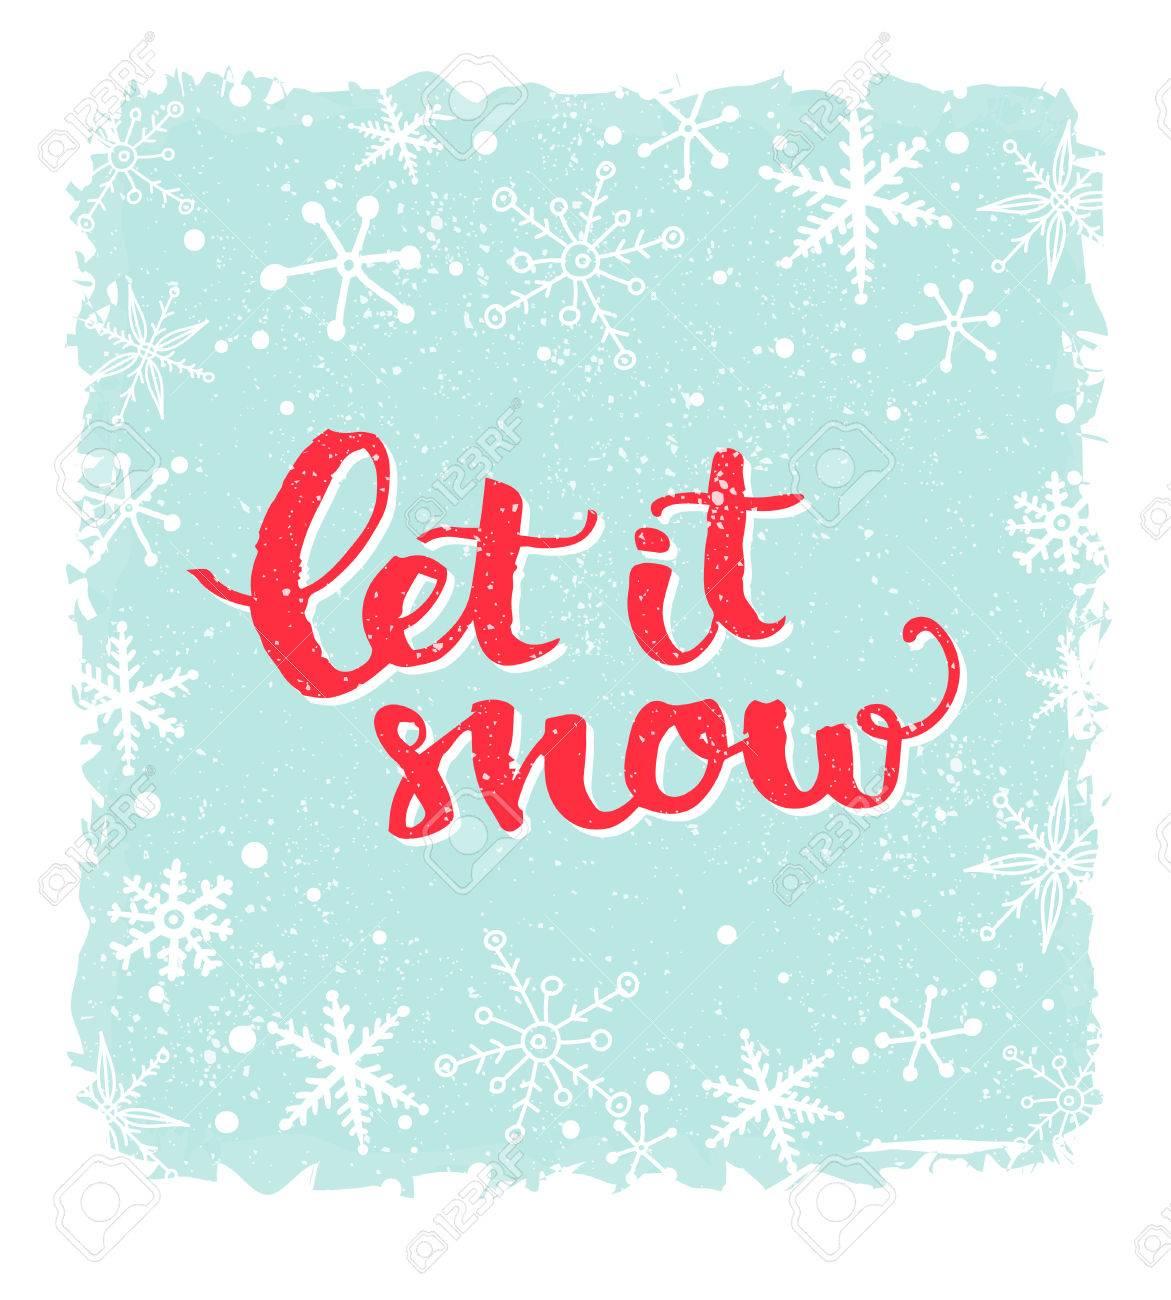 Qu Il Neige Citation D Hiver Inspirée Brosse Lettrage à Fond Bleu Avec Des Flocons De Neige Le Texte En Rouge Pour Les Cartes De Voeux De Noël